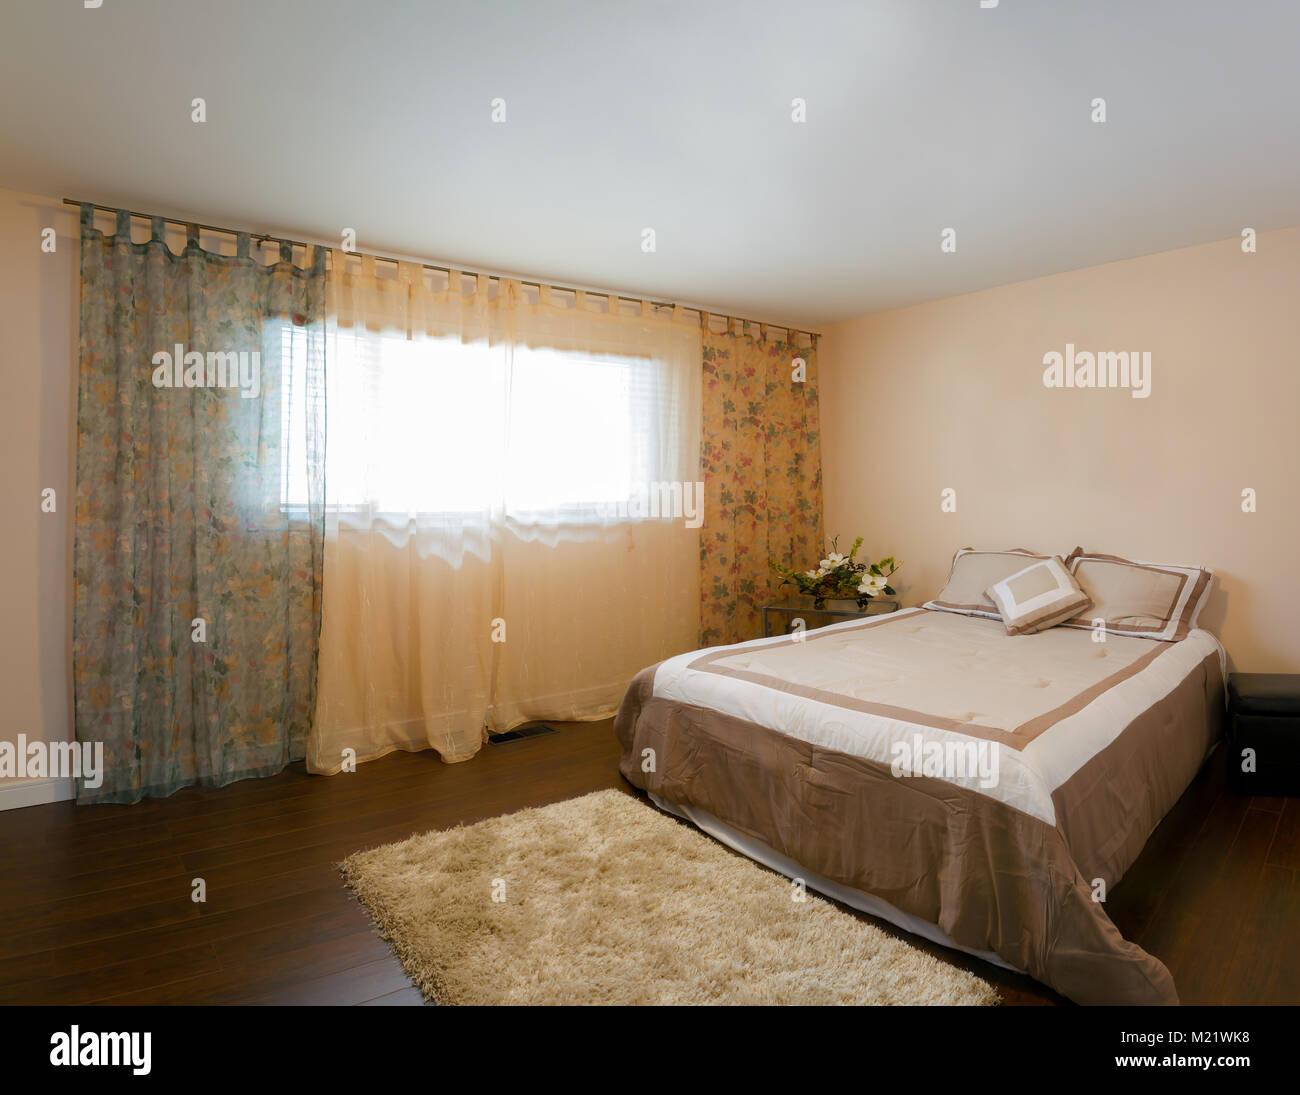 Schlafzimmer Innenausstattung in ein neues Haus Stockfoto, Bild ...